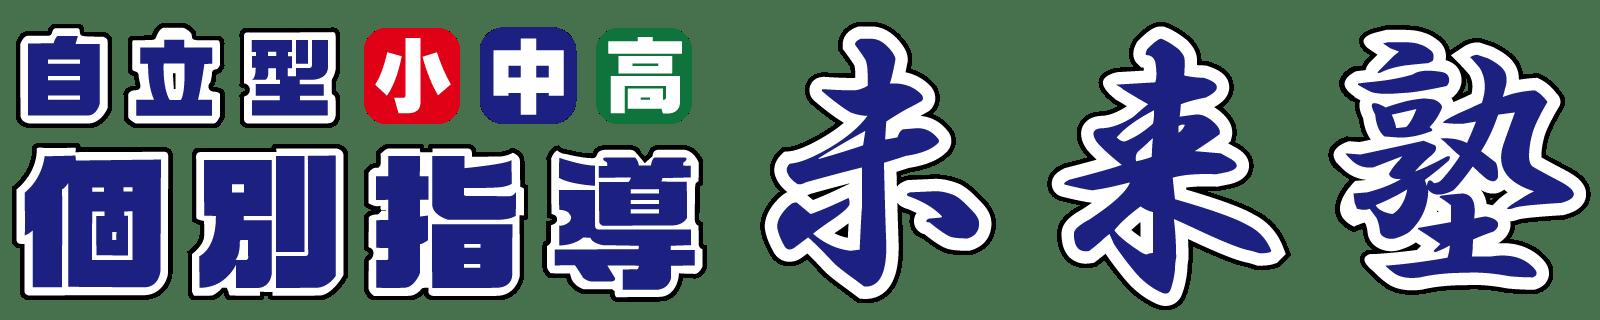 未来塾 | 栃木県壬生町 | 学習塾 | 高校受験